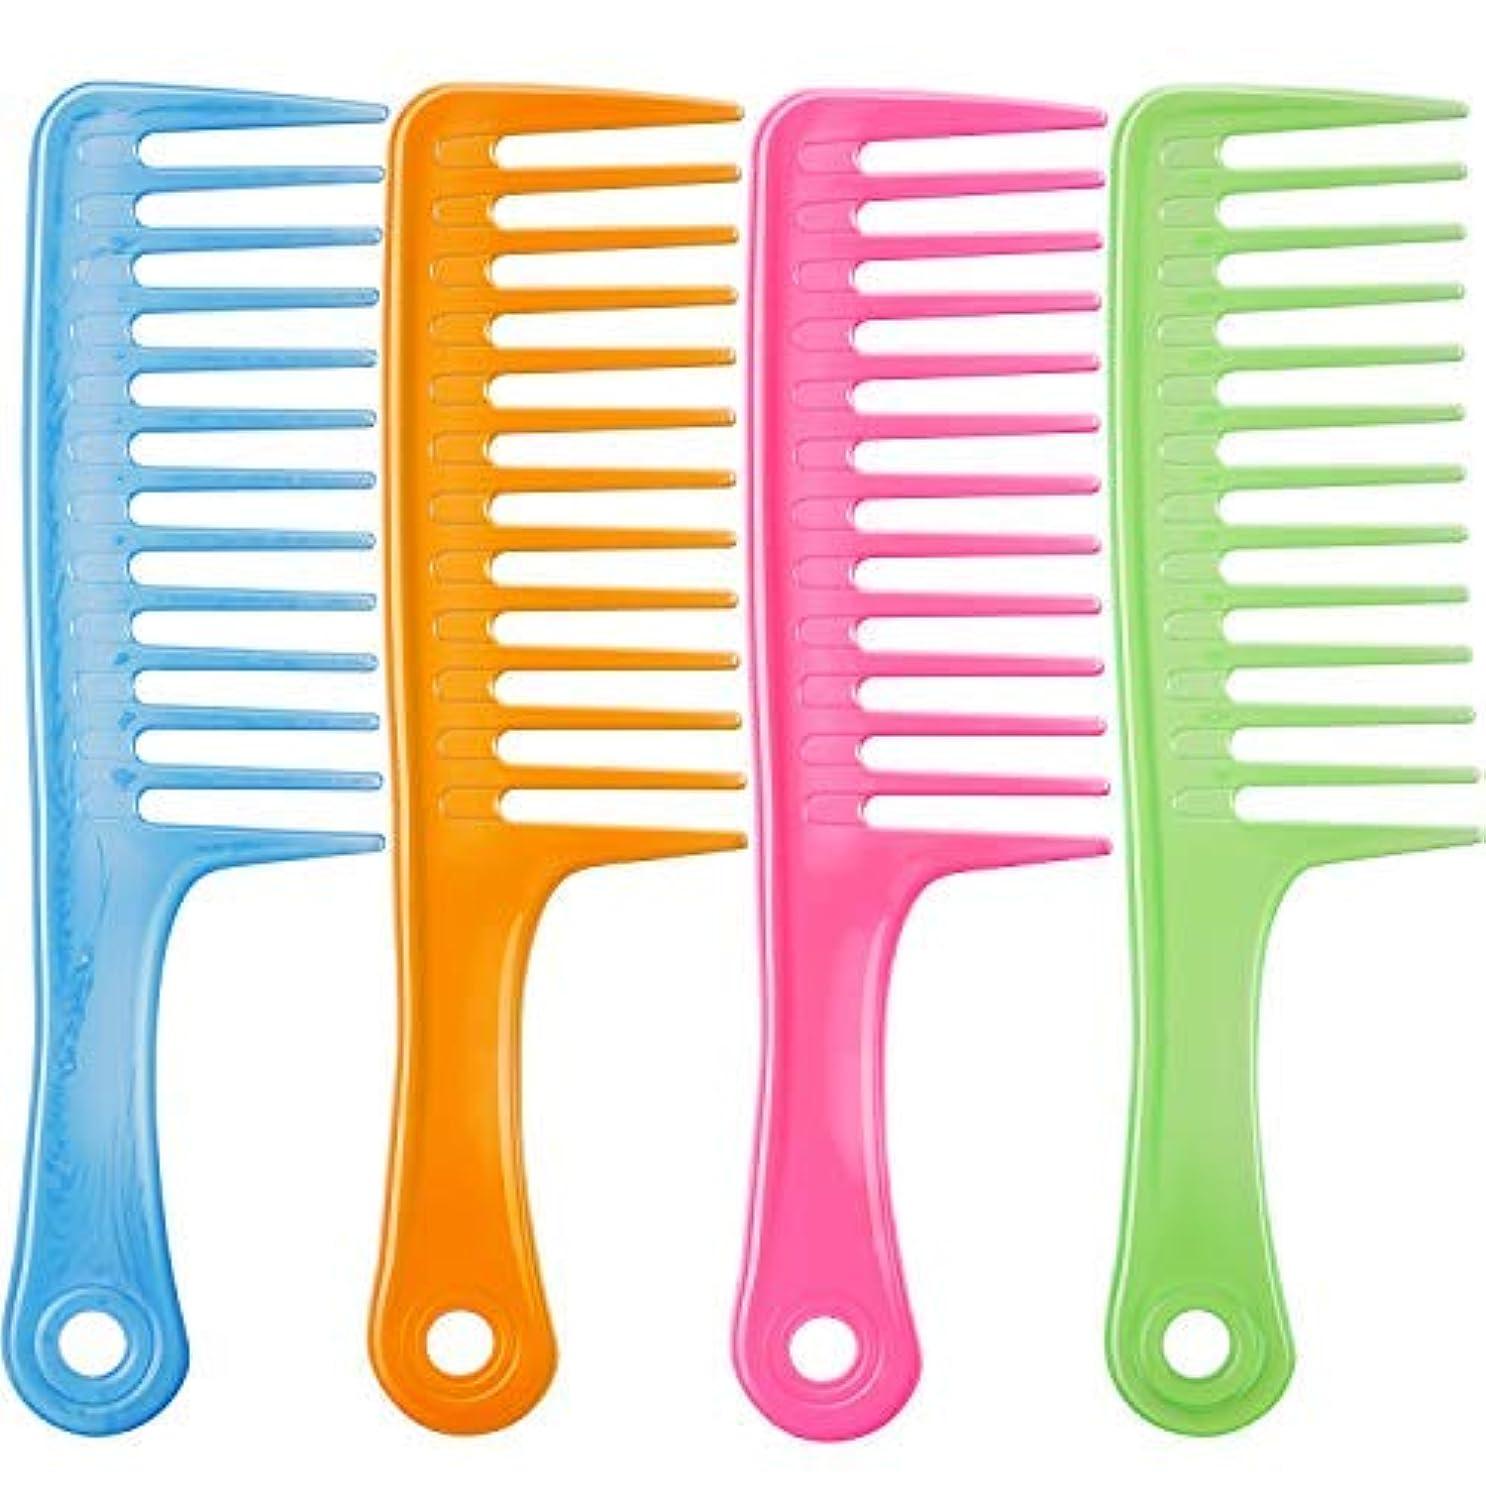 ホバート物理学者花嫁TecUnite 4 Pieces 9 1/2 Inches Anti-static Large Tooth Detangle Comb, Wide Tooth Hair Comb Salon Shampoo Comb...